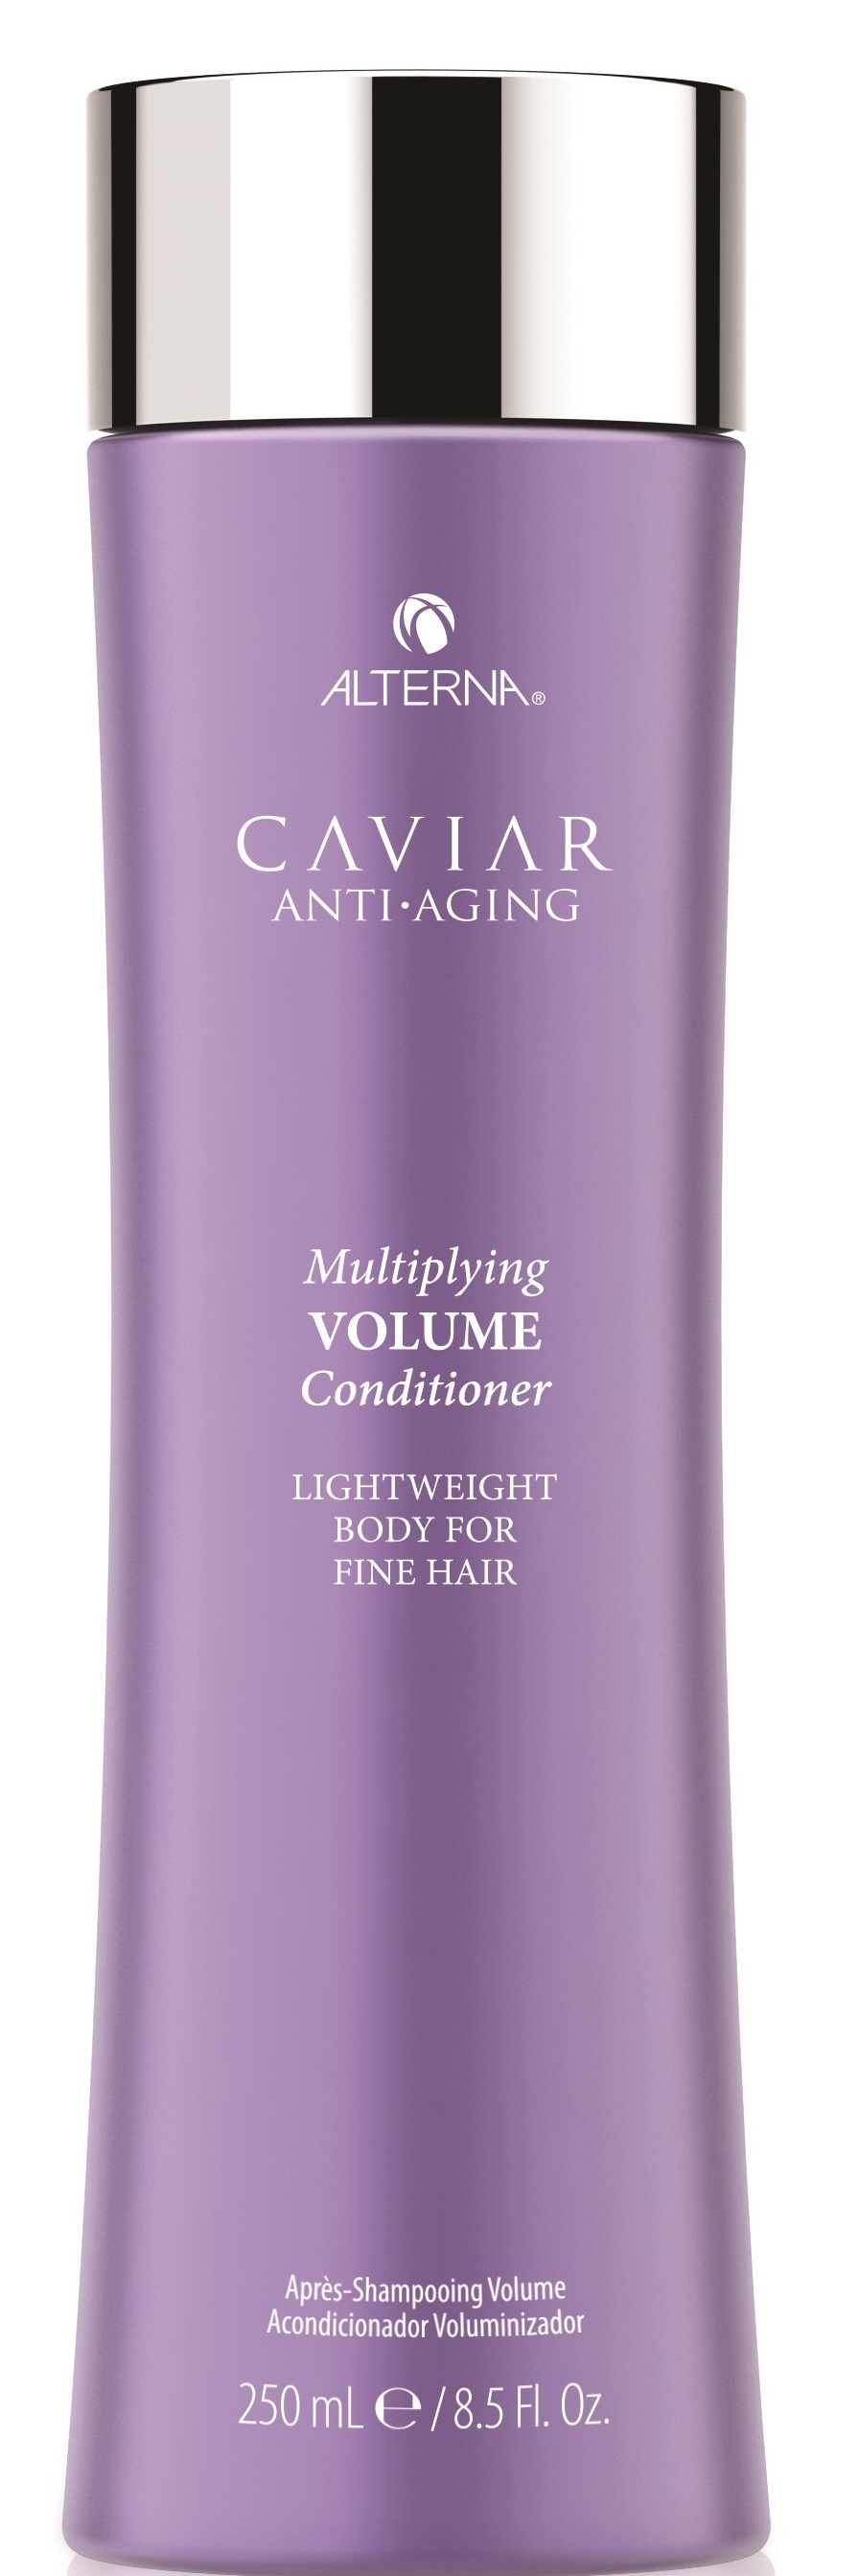 ALTERNA Кондиционер-лифтинг для объема и уплотнения волос с кератиновым комплексом / Caviar Anti-Aging Multiplying Volume Conditioner 250 мл фото